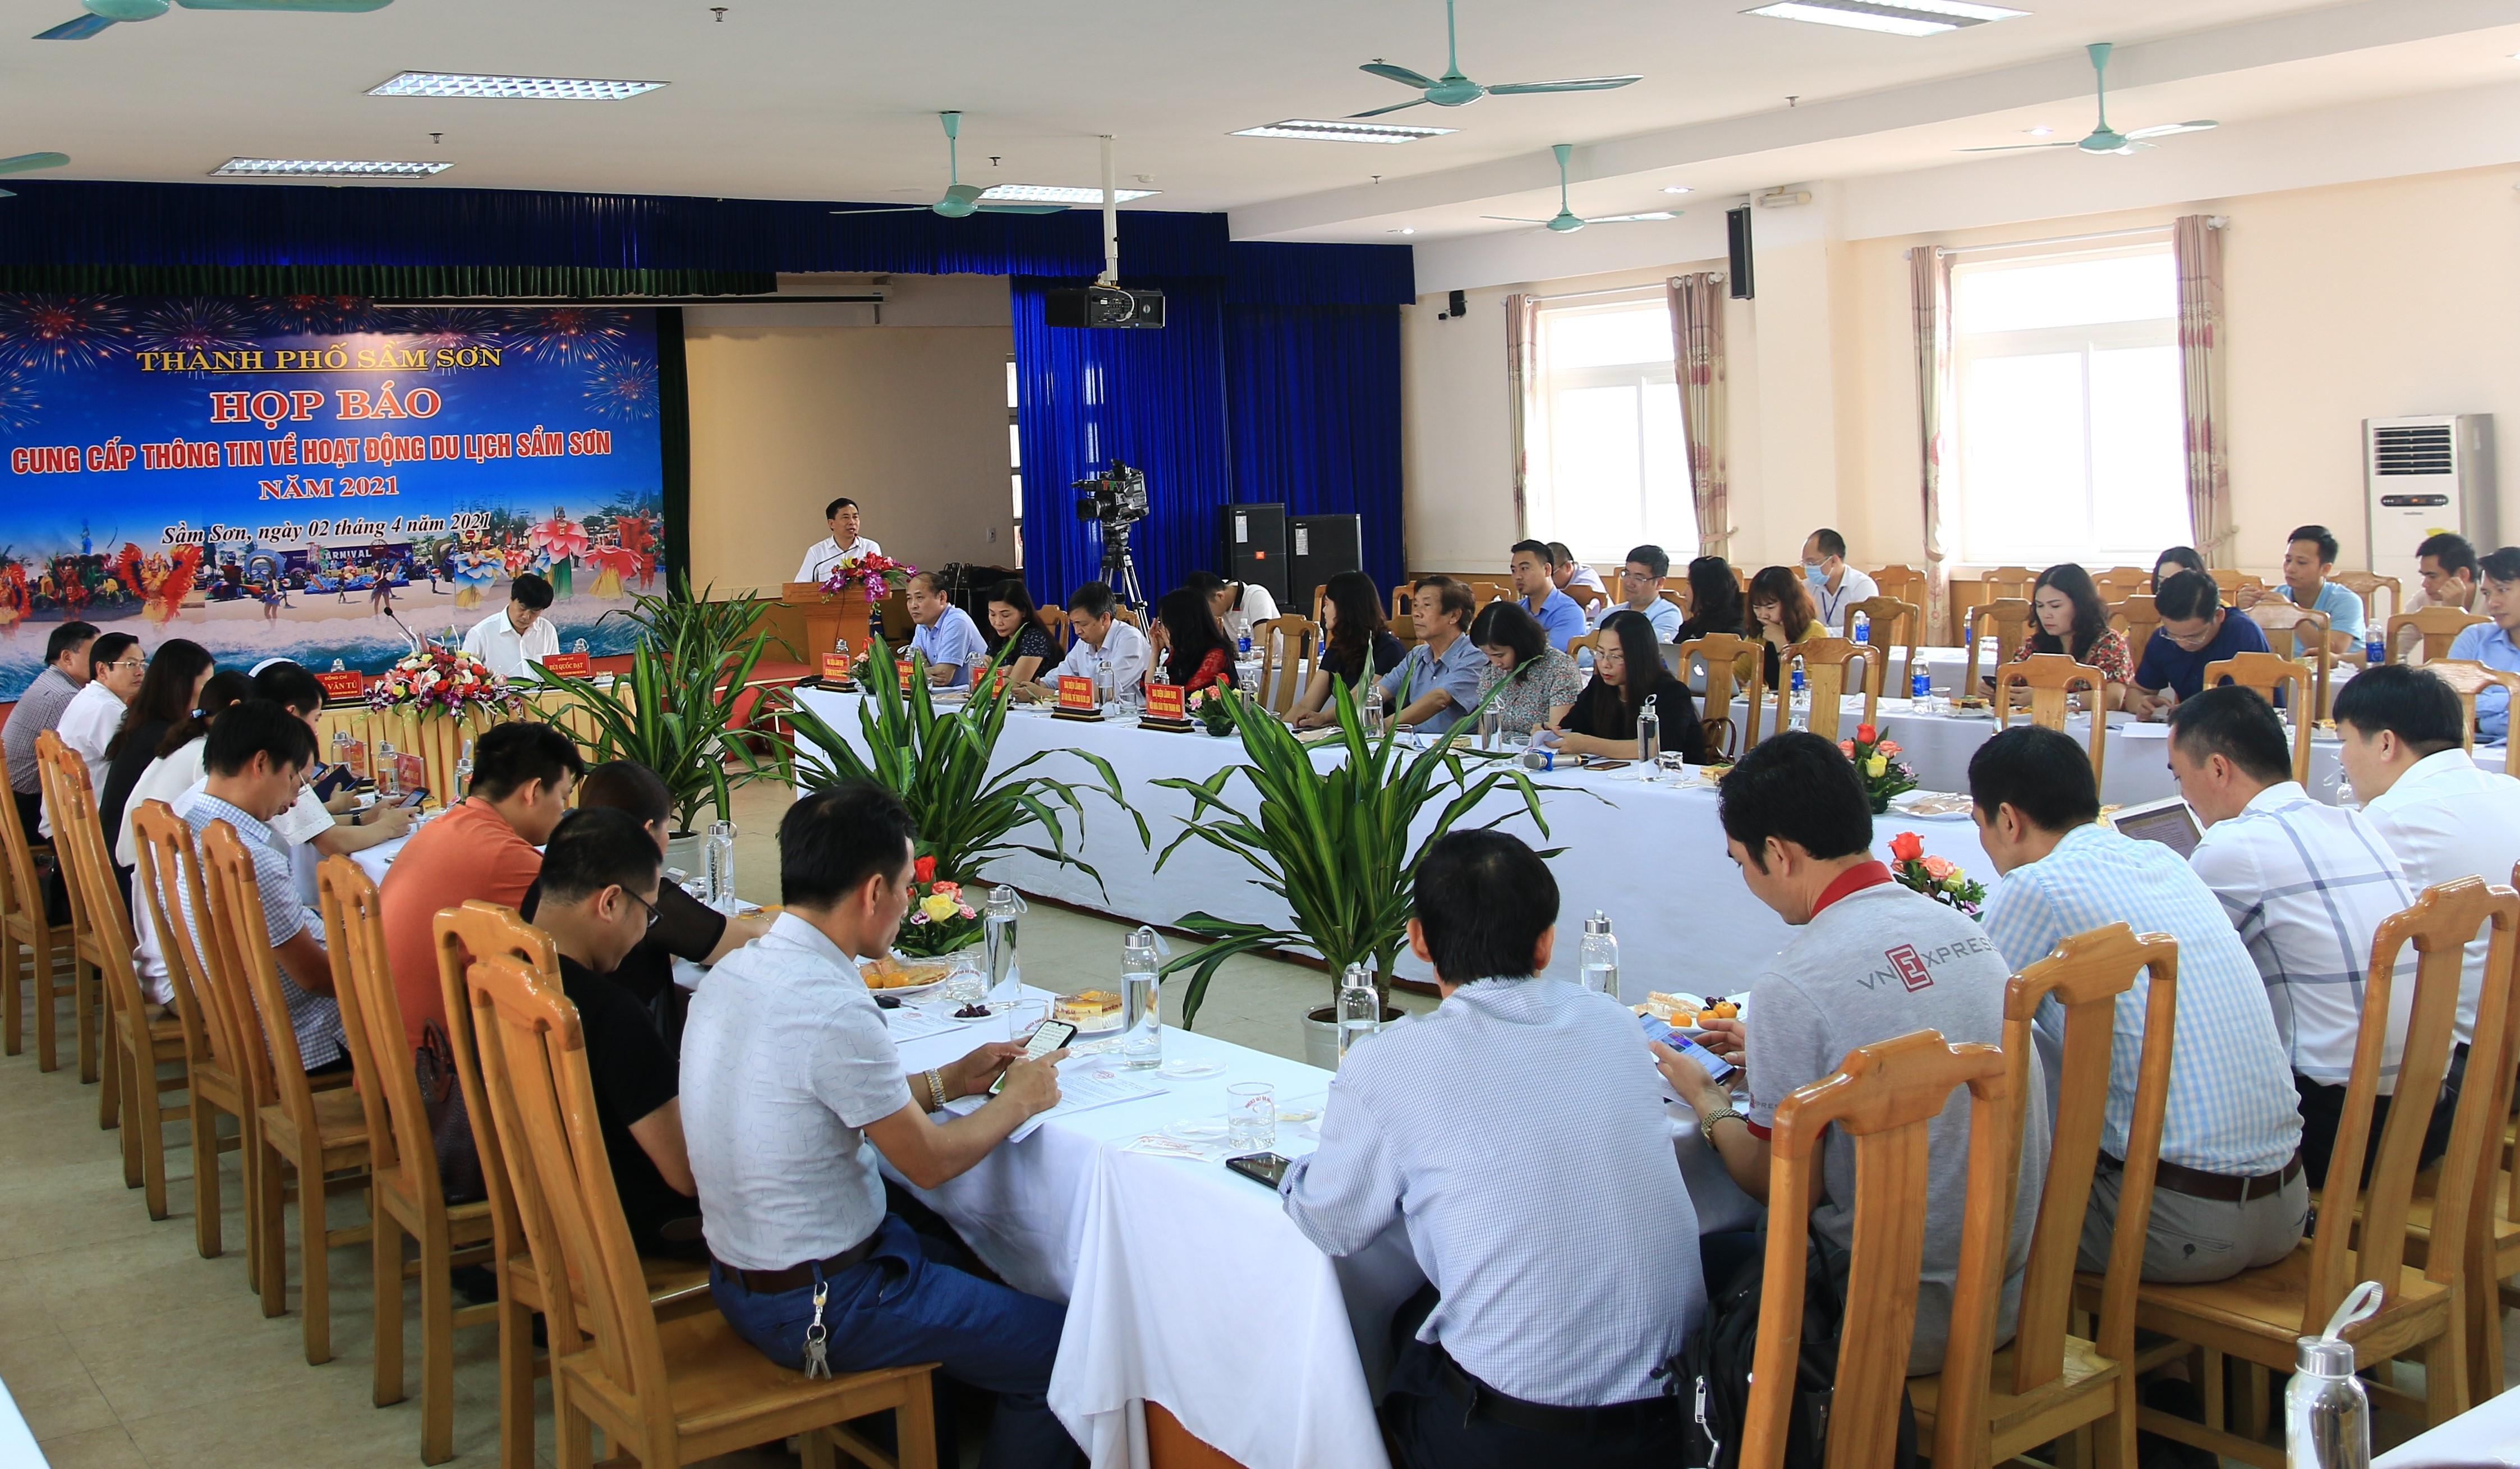 Sầm Sơn - Thanh Hóa: Điểm đến hấp dẫn trong mùa du lịch 2021 2